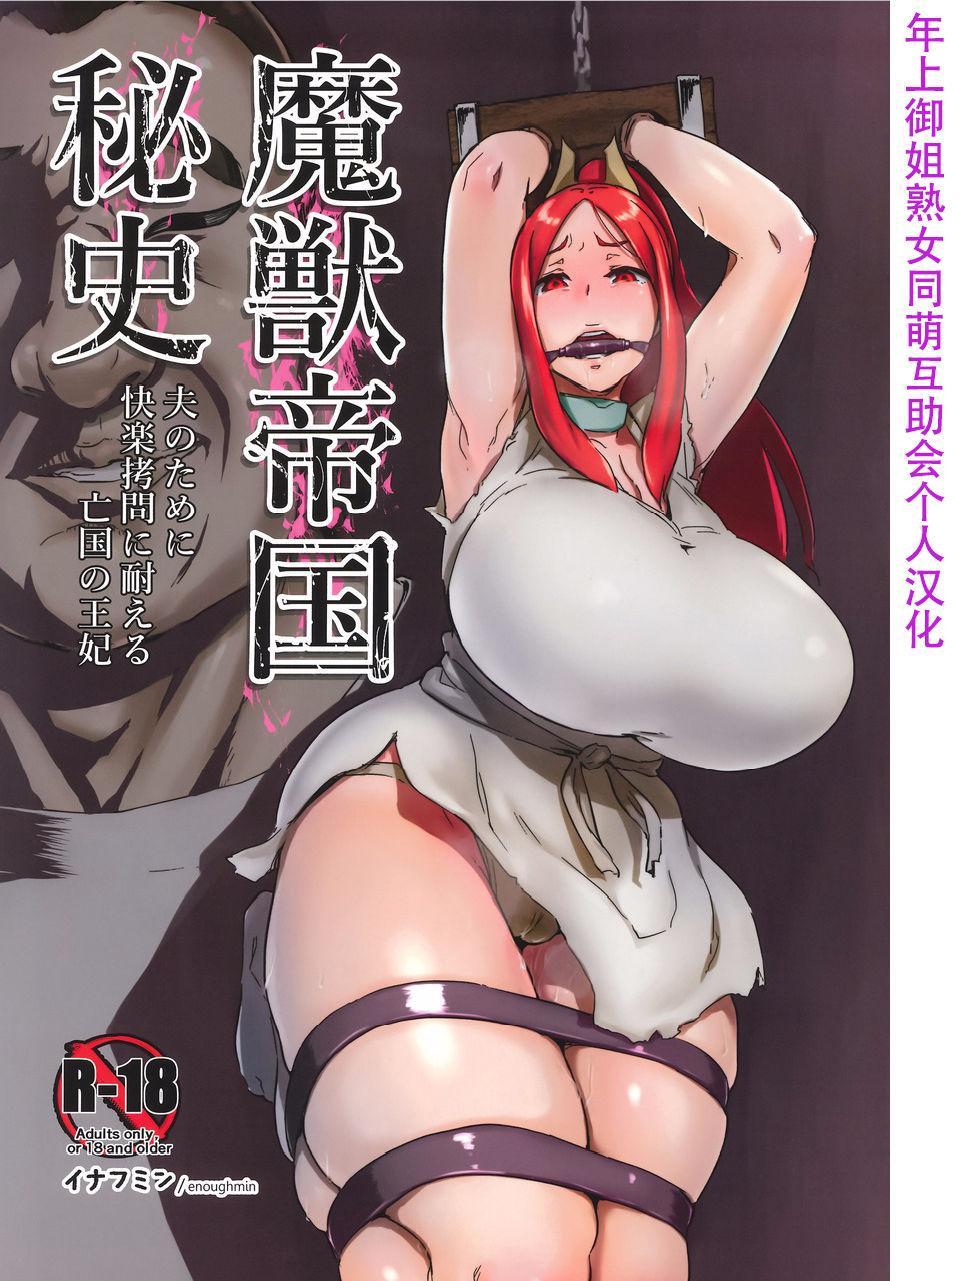 Majuu Teikoku Hishi Otto no Tame ni Kairaku Goumon ni Taeru Boukoku no Ouhi 1